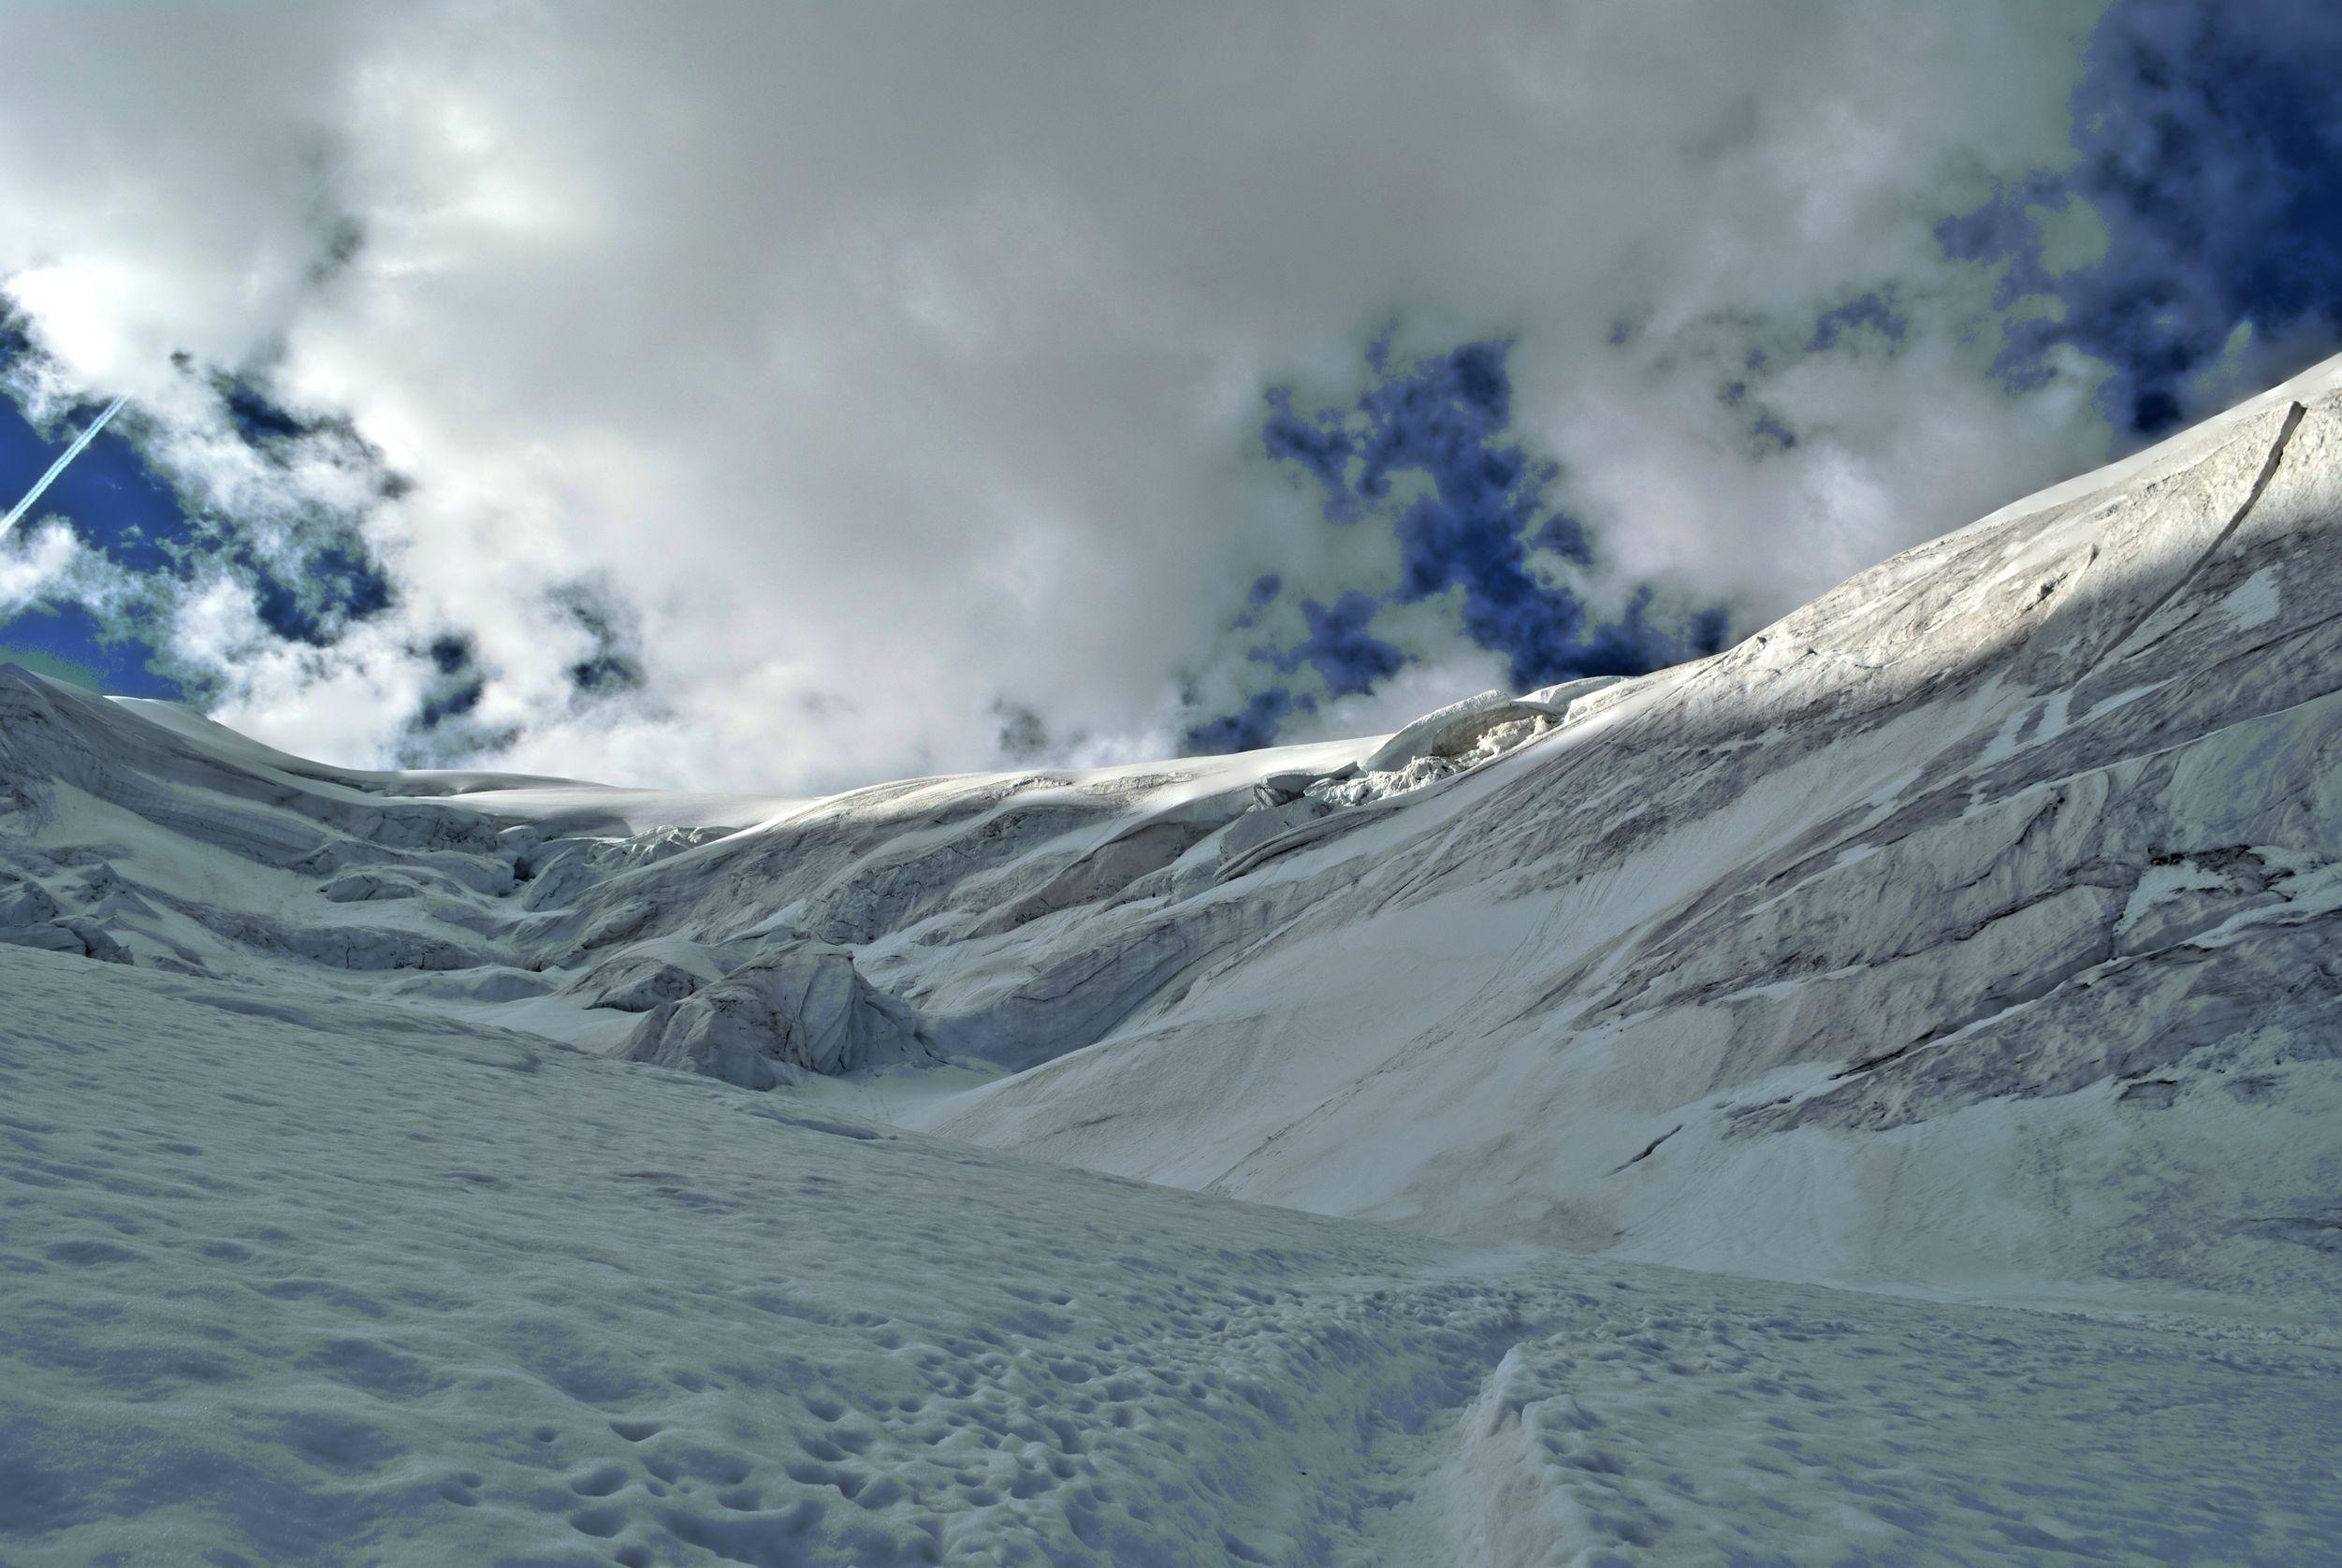 O fetiţă şi mama ei au murit în Alpii italieni, în urma unei avalanşe